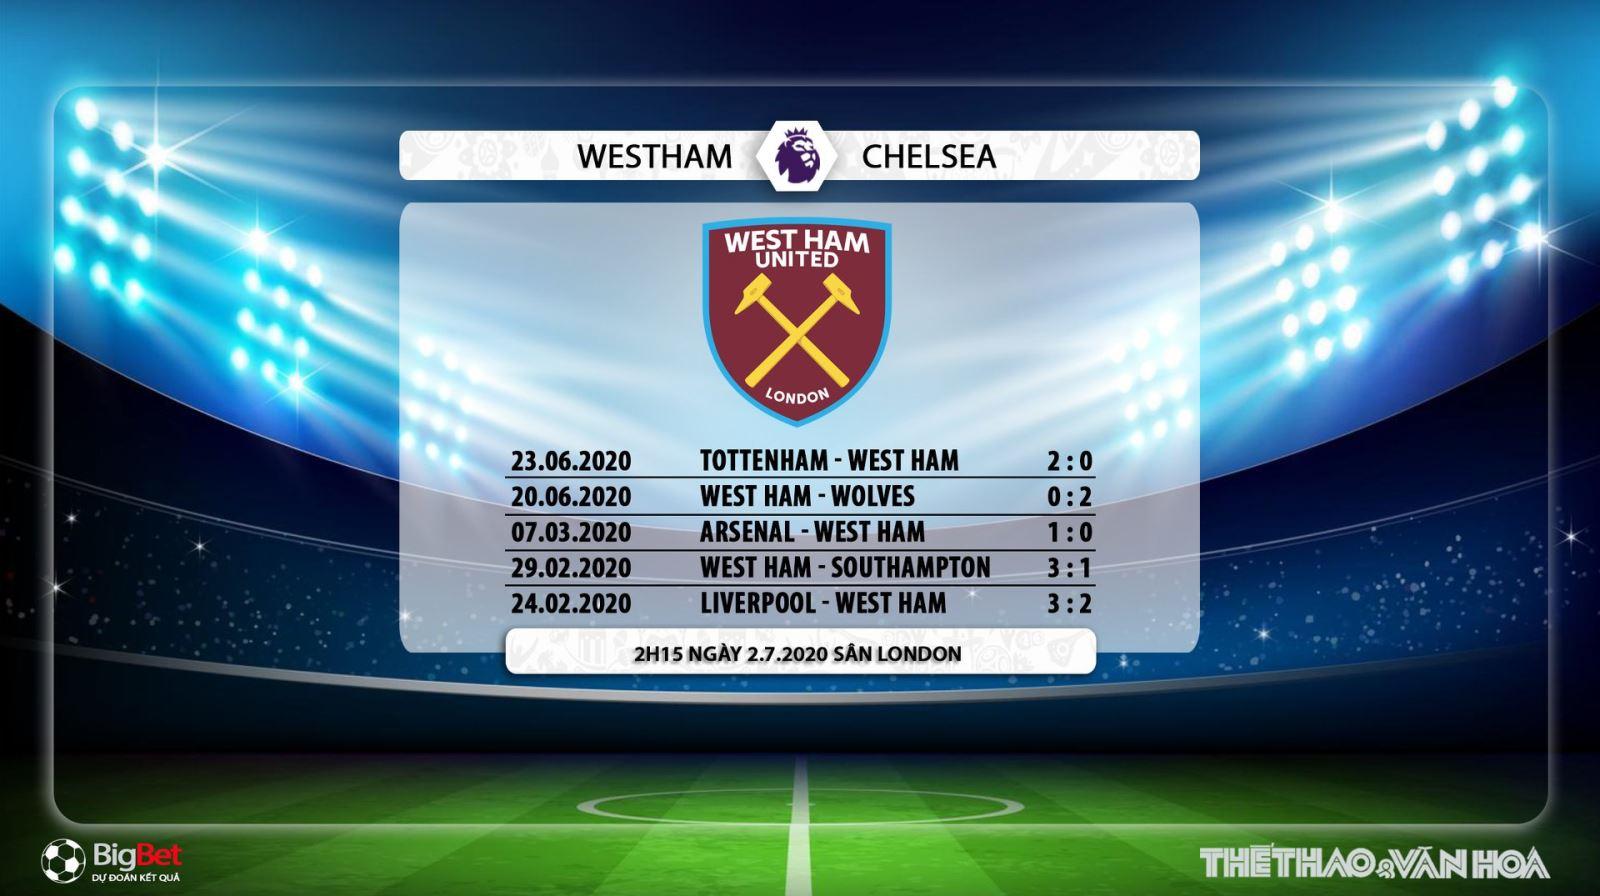 West Ham vs Chelsea, bóng đá, bong da, trực tiếp bóng đá, lịch thi đấu, chelsea, west ham, ngoại hạng anh, bóng đá anh